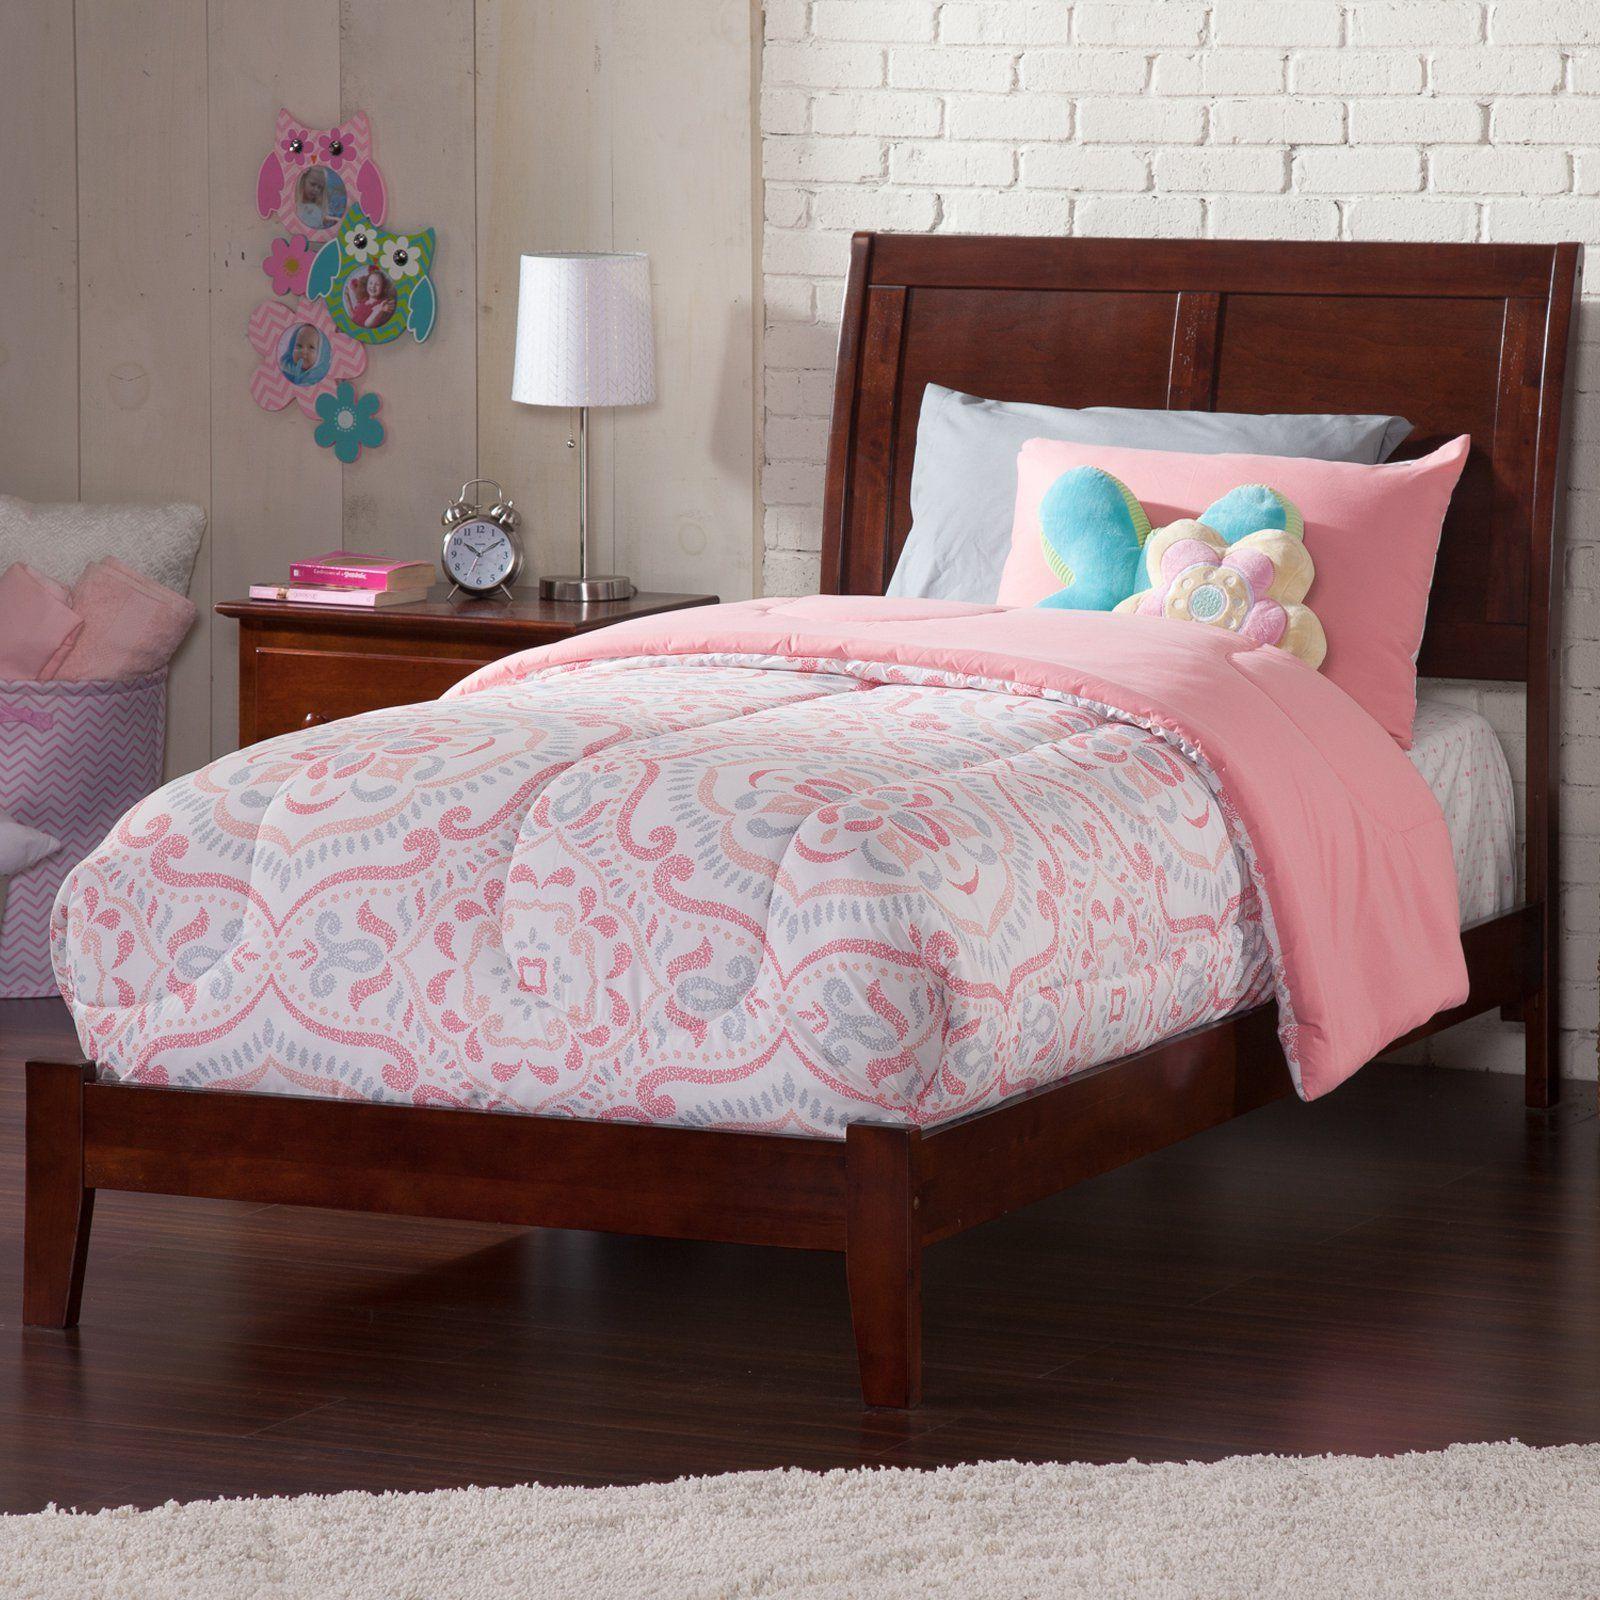 Atlantic Furniture Portland Traditional Bed Walnut Size Twin Xl Atlantic Furniture Traditional Bed Upholstered Bed Frame